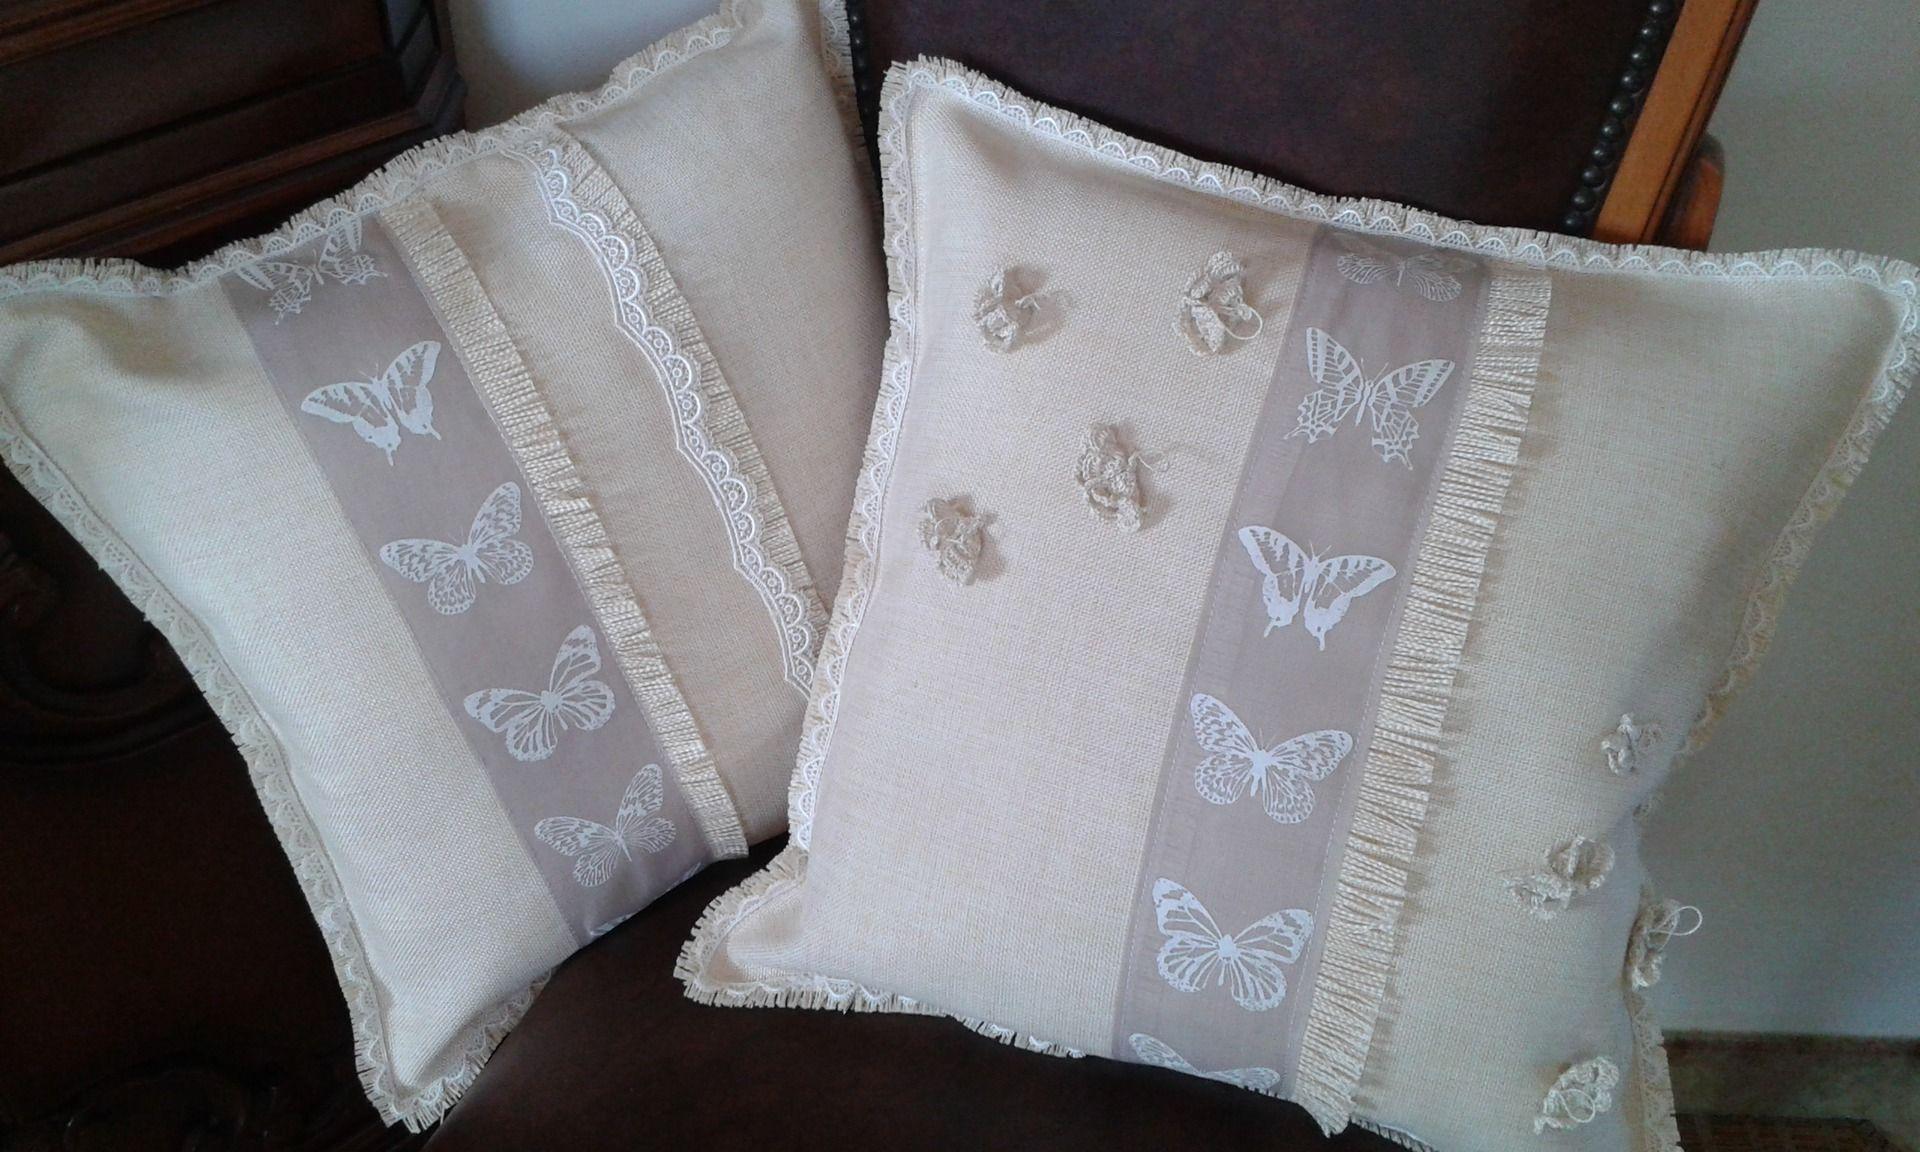 tessili e tappeti cuscini shabby chic in tela di lino 17483801 20160122 1423562cb9 2cddc big. Black Bedroom Furniture Sets. Home Design Ideas